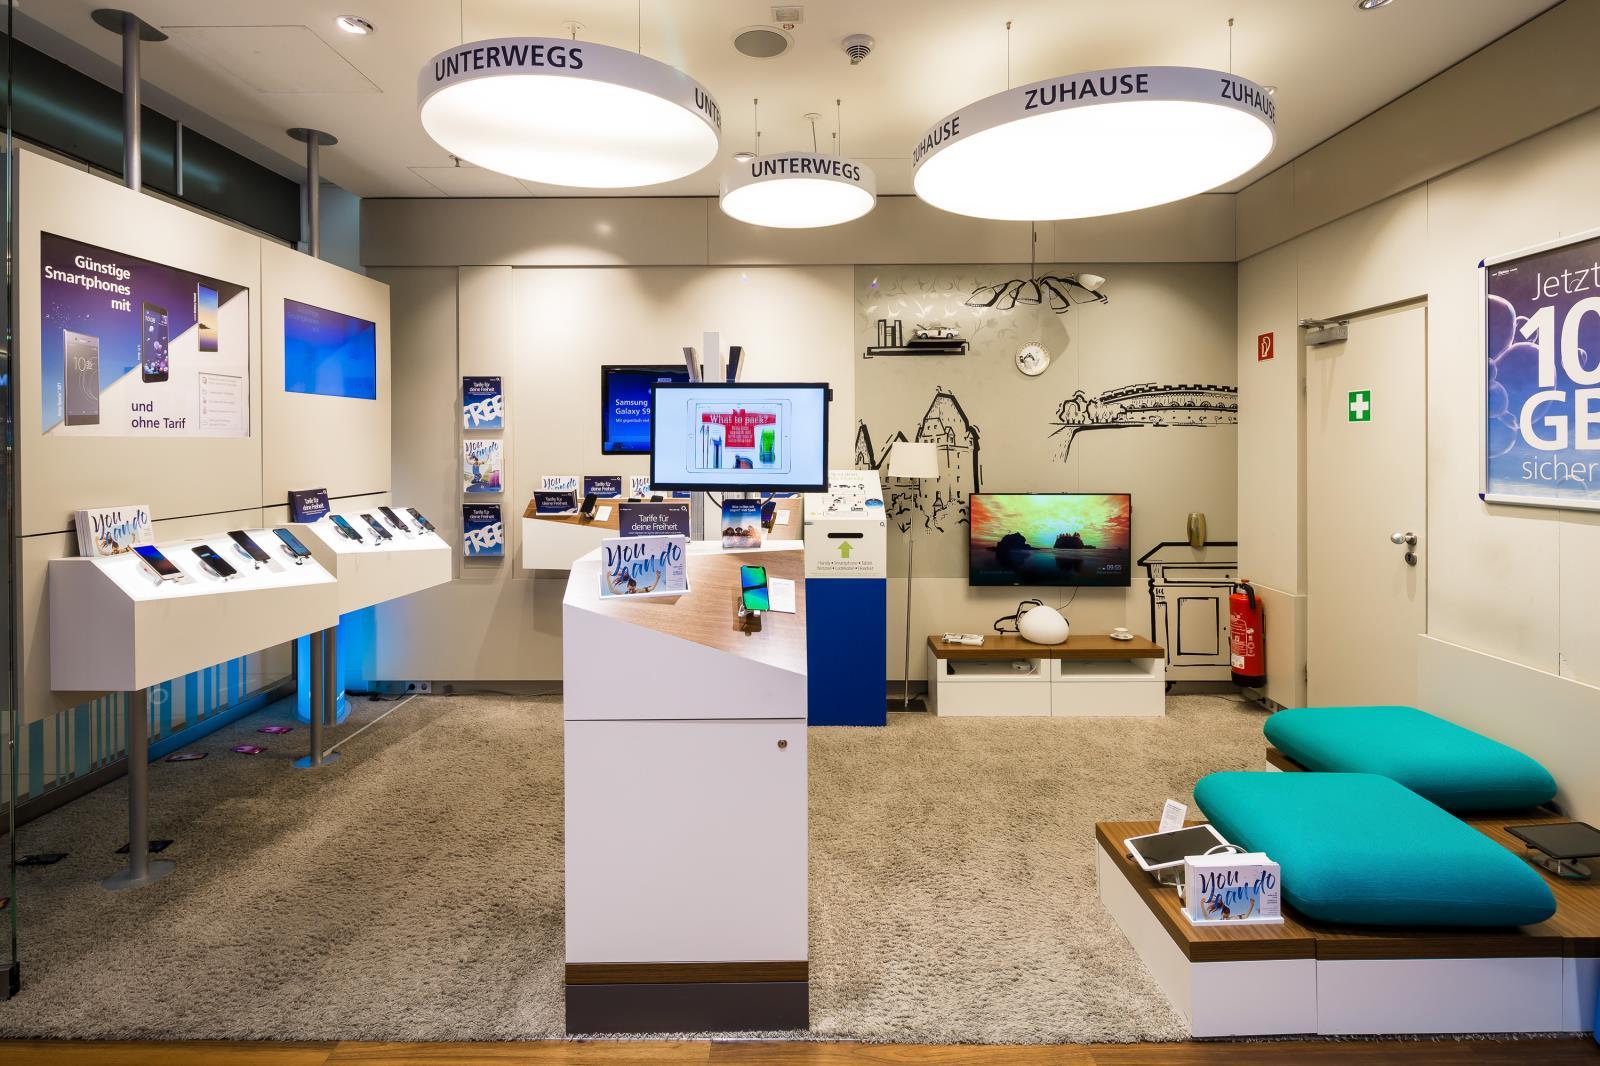 o2 shop ingolstadt am westpark 6 ffnungszeiten angebote. Black Bedroom Furniture Sets. Home Design Ideas